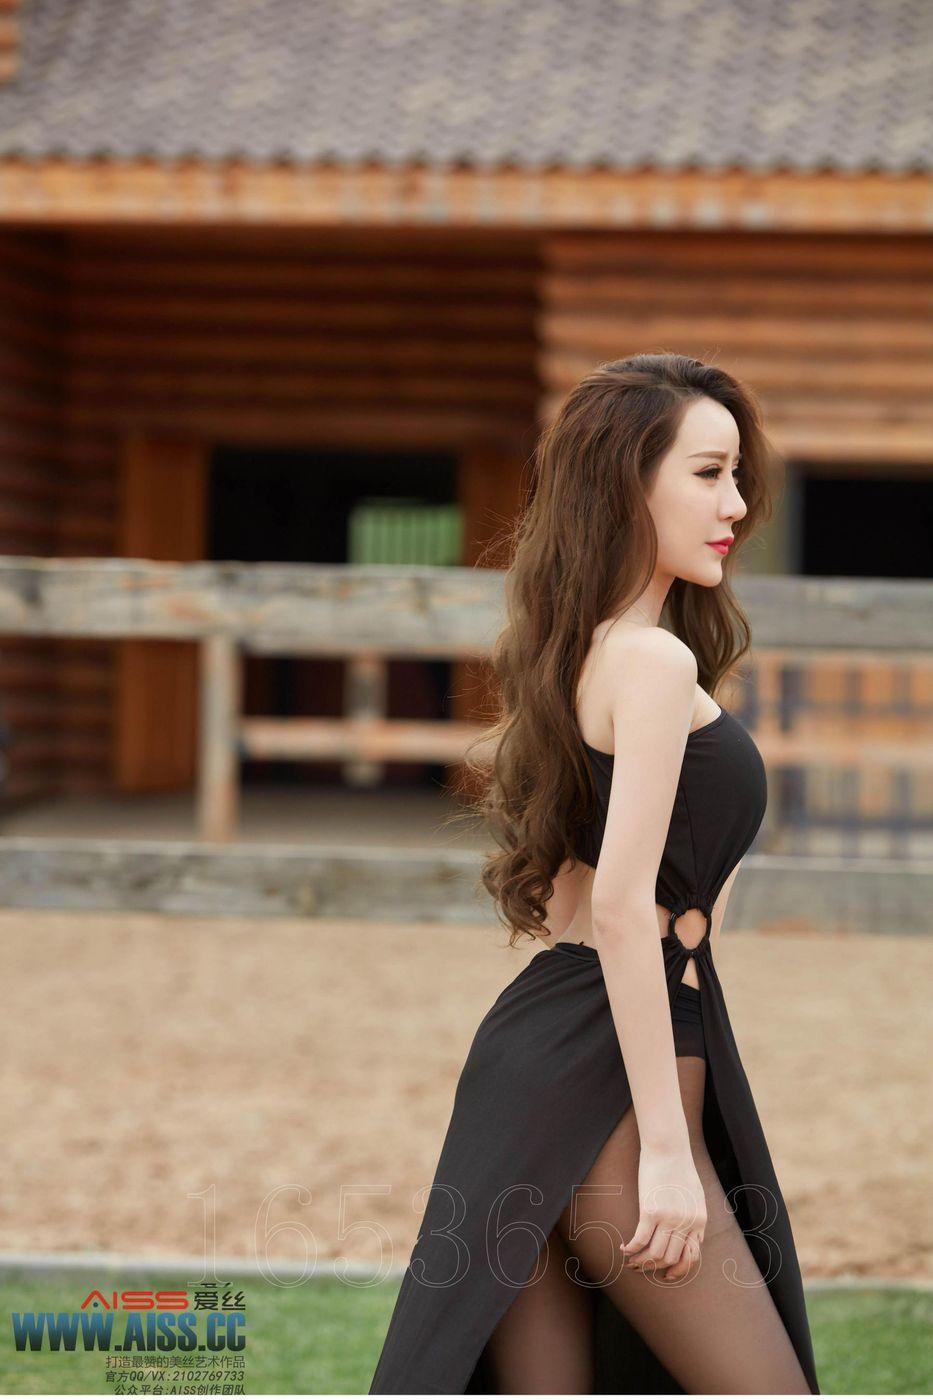 [AISS爱丝] 性感姐妹花陈雅漫&希雅黑丝美腿化身女骑士大尺度写真